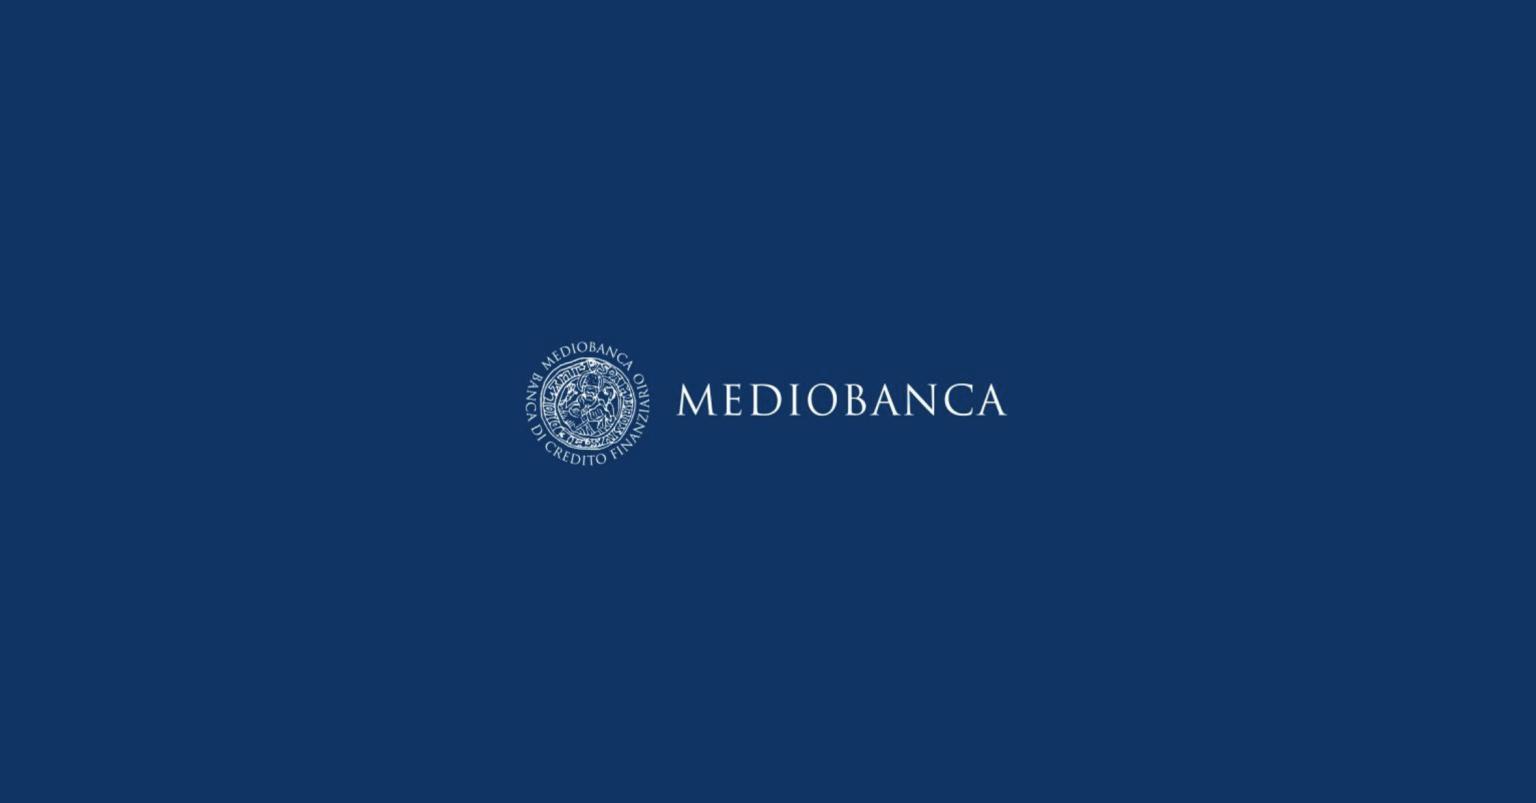 Mediobanca Mediolanum